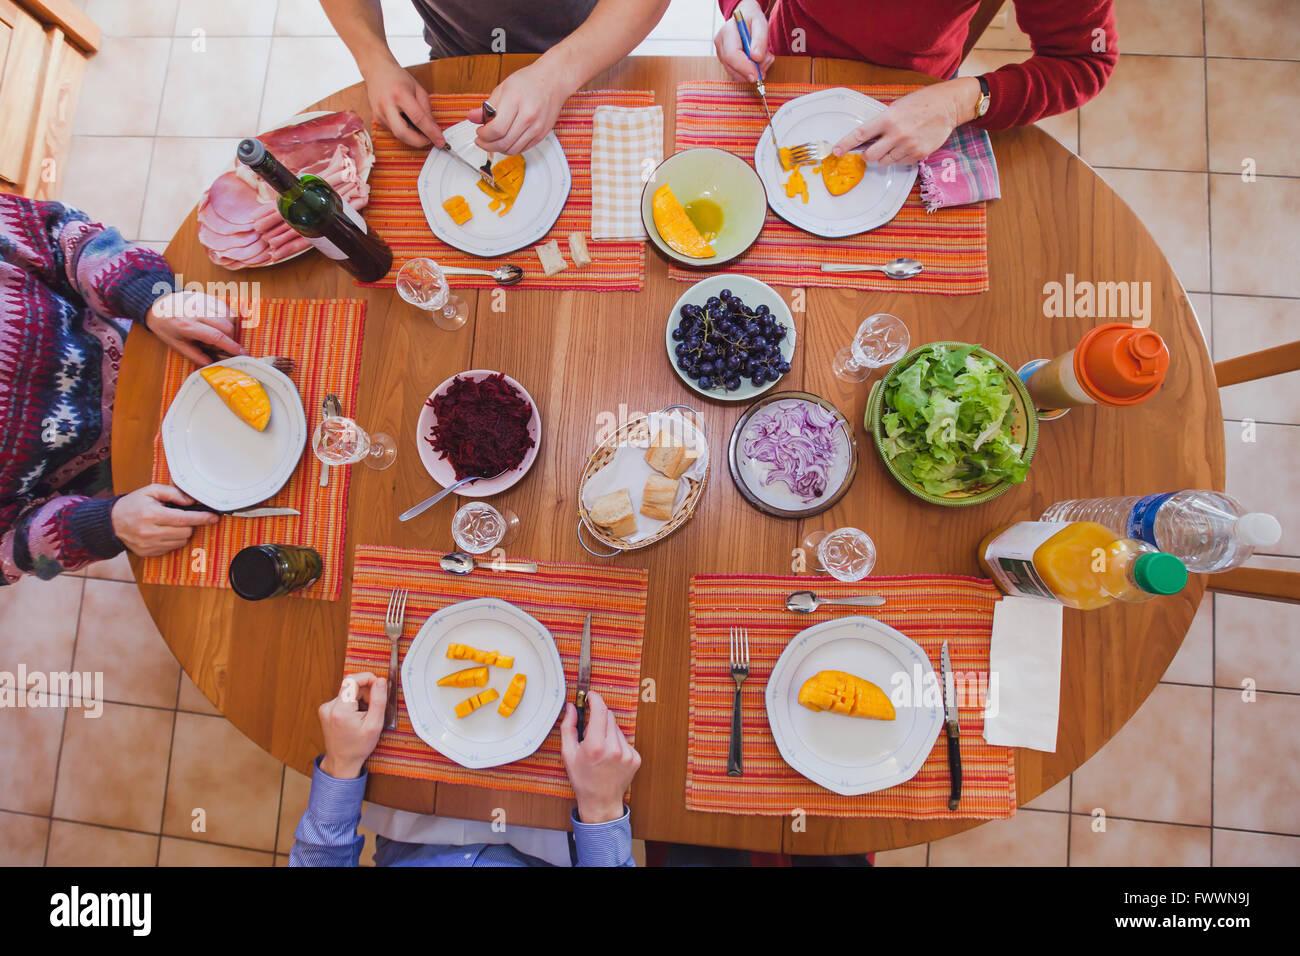 En el almuerzo de la familia comiendo entremeses, aperitivos, vista superior de la tabla con los alimentos Imagen De Stock